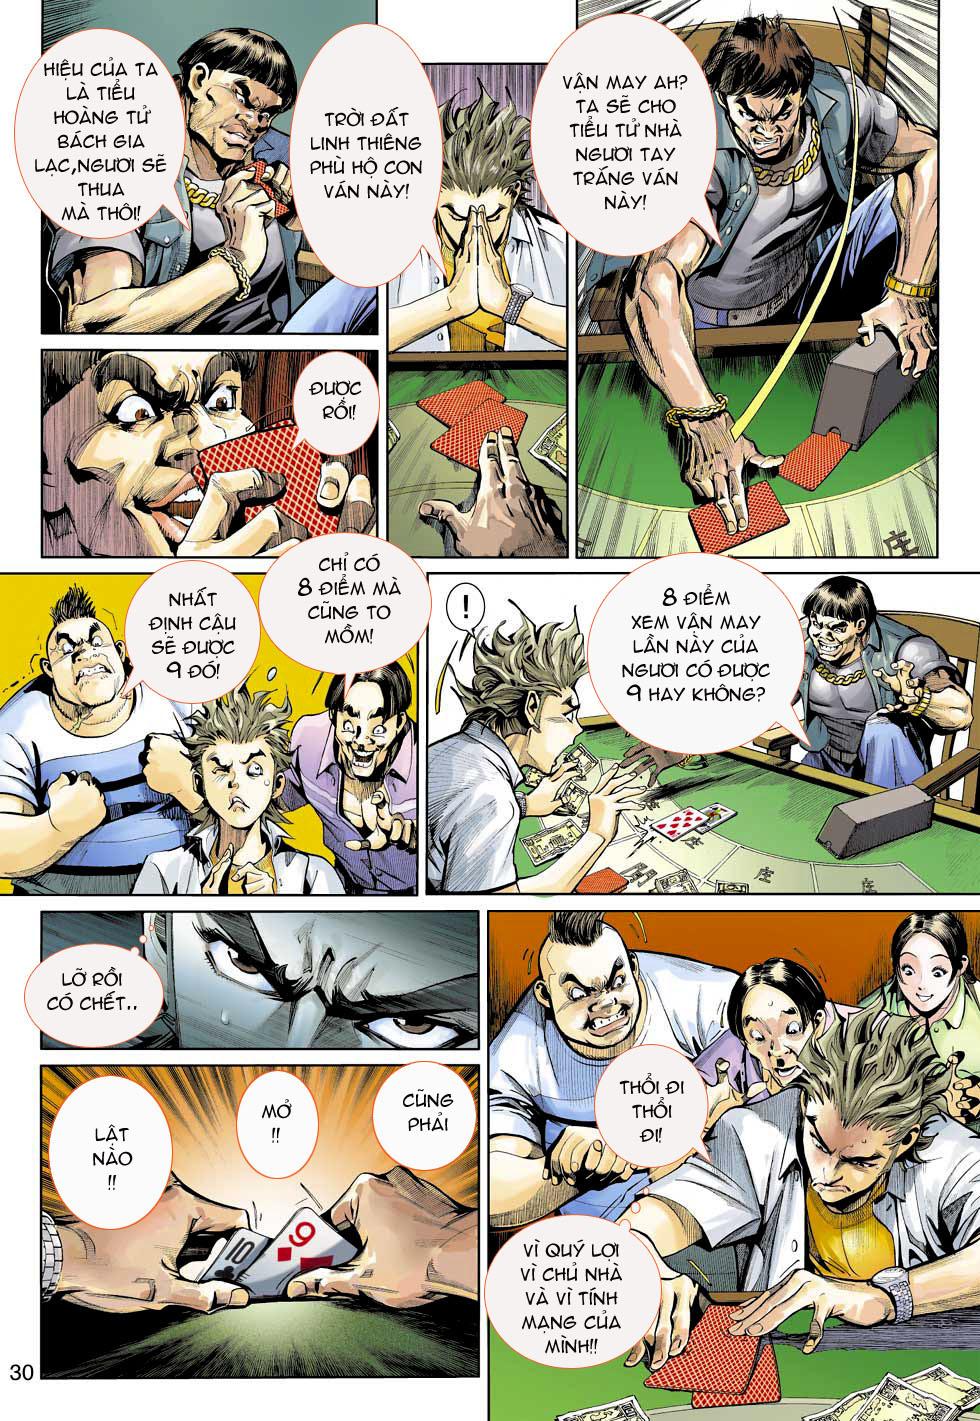 Thần Binh 4 chap 3 - Trang 30